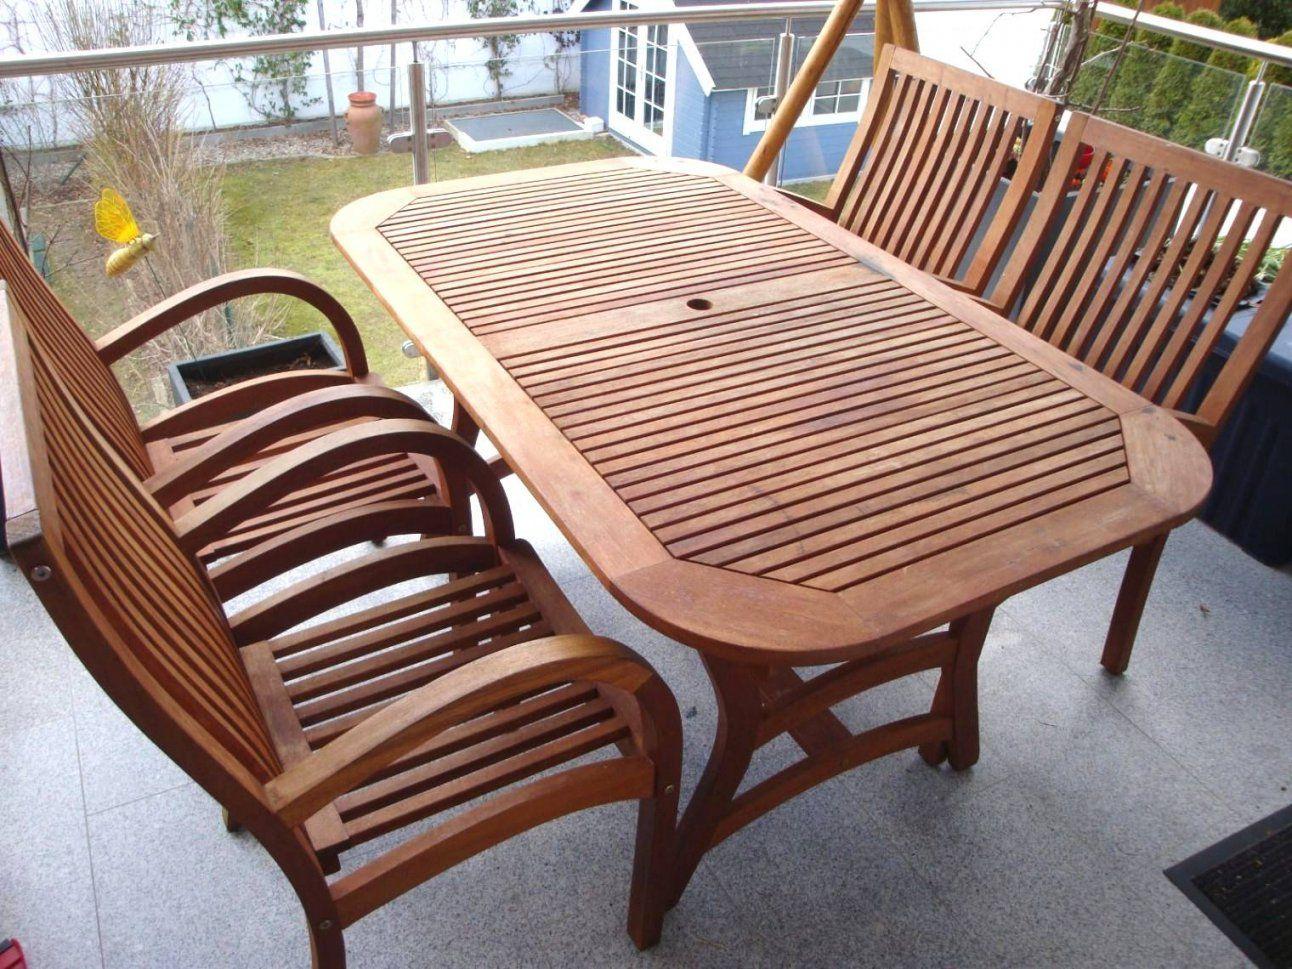 Rustikale Gartenmobel Aus Polen Das Beste Von 40 Gartenmöbel Holz von Rustikale Holz Gartenmöbel Aus Polen Bild